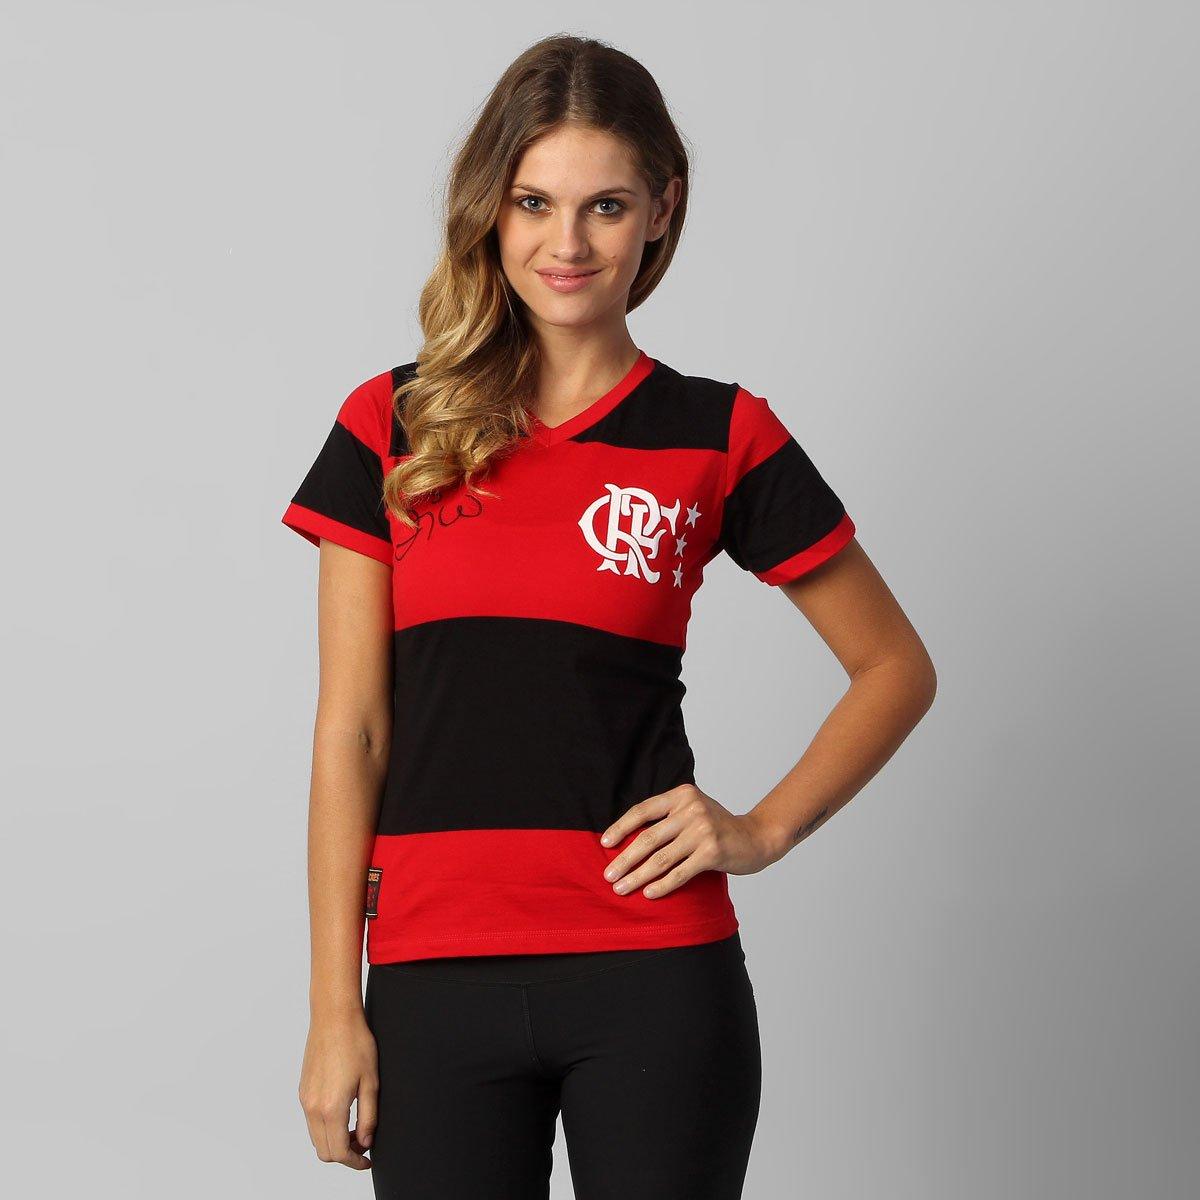 119675026142f Camiseta Flamengo Zico Retrô Feminina - Preto e Vermelho - Compre Agora